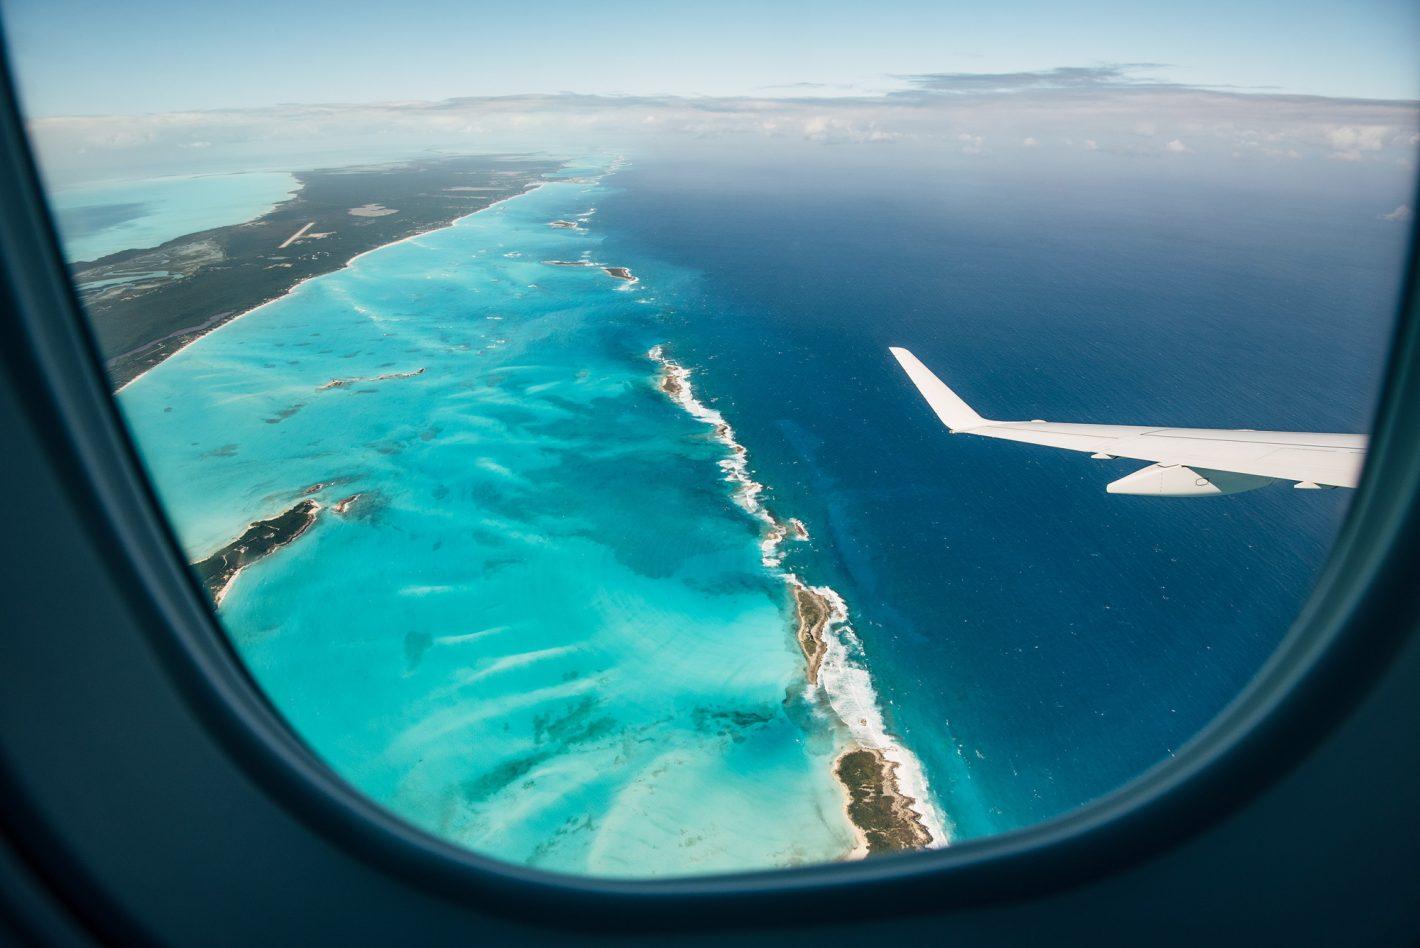 L'inspiration voyage des BestJobers : Camaïeu de bleus aux Iles Bahamas